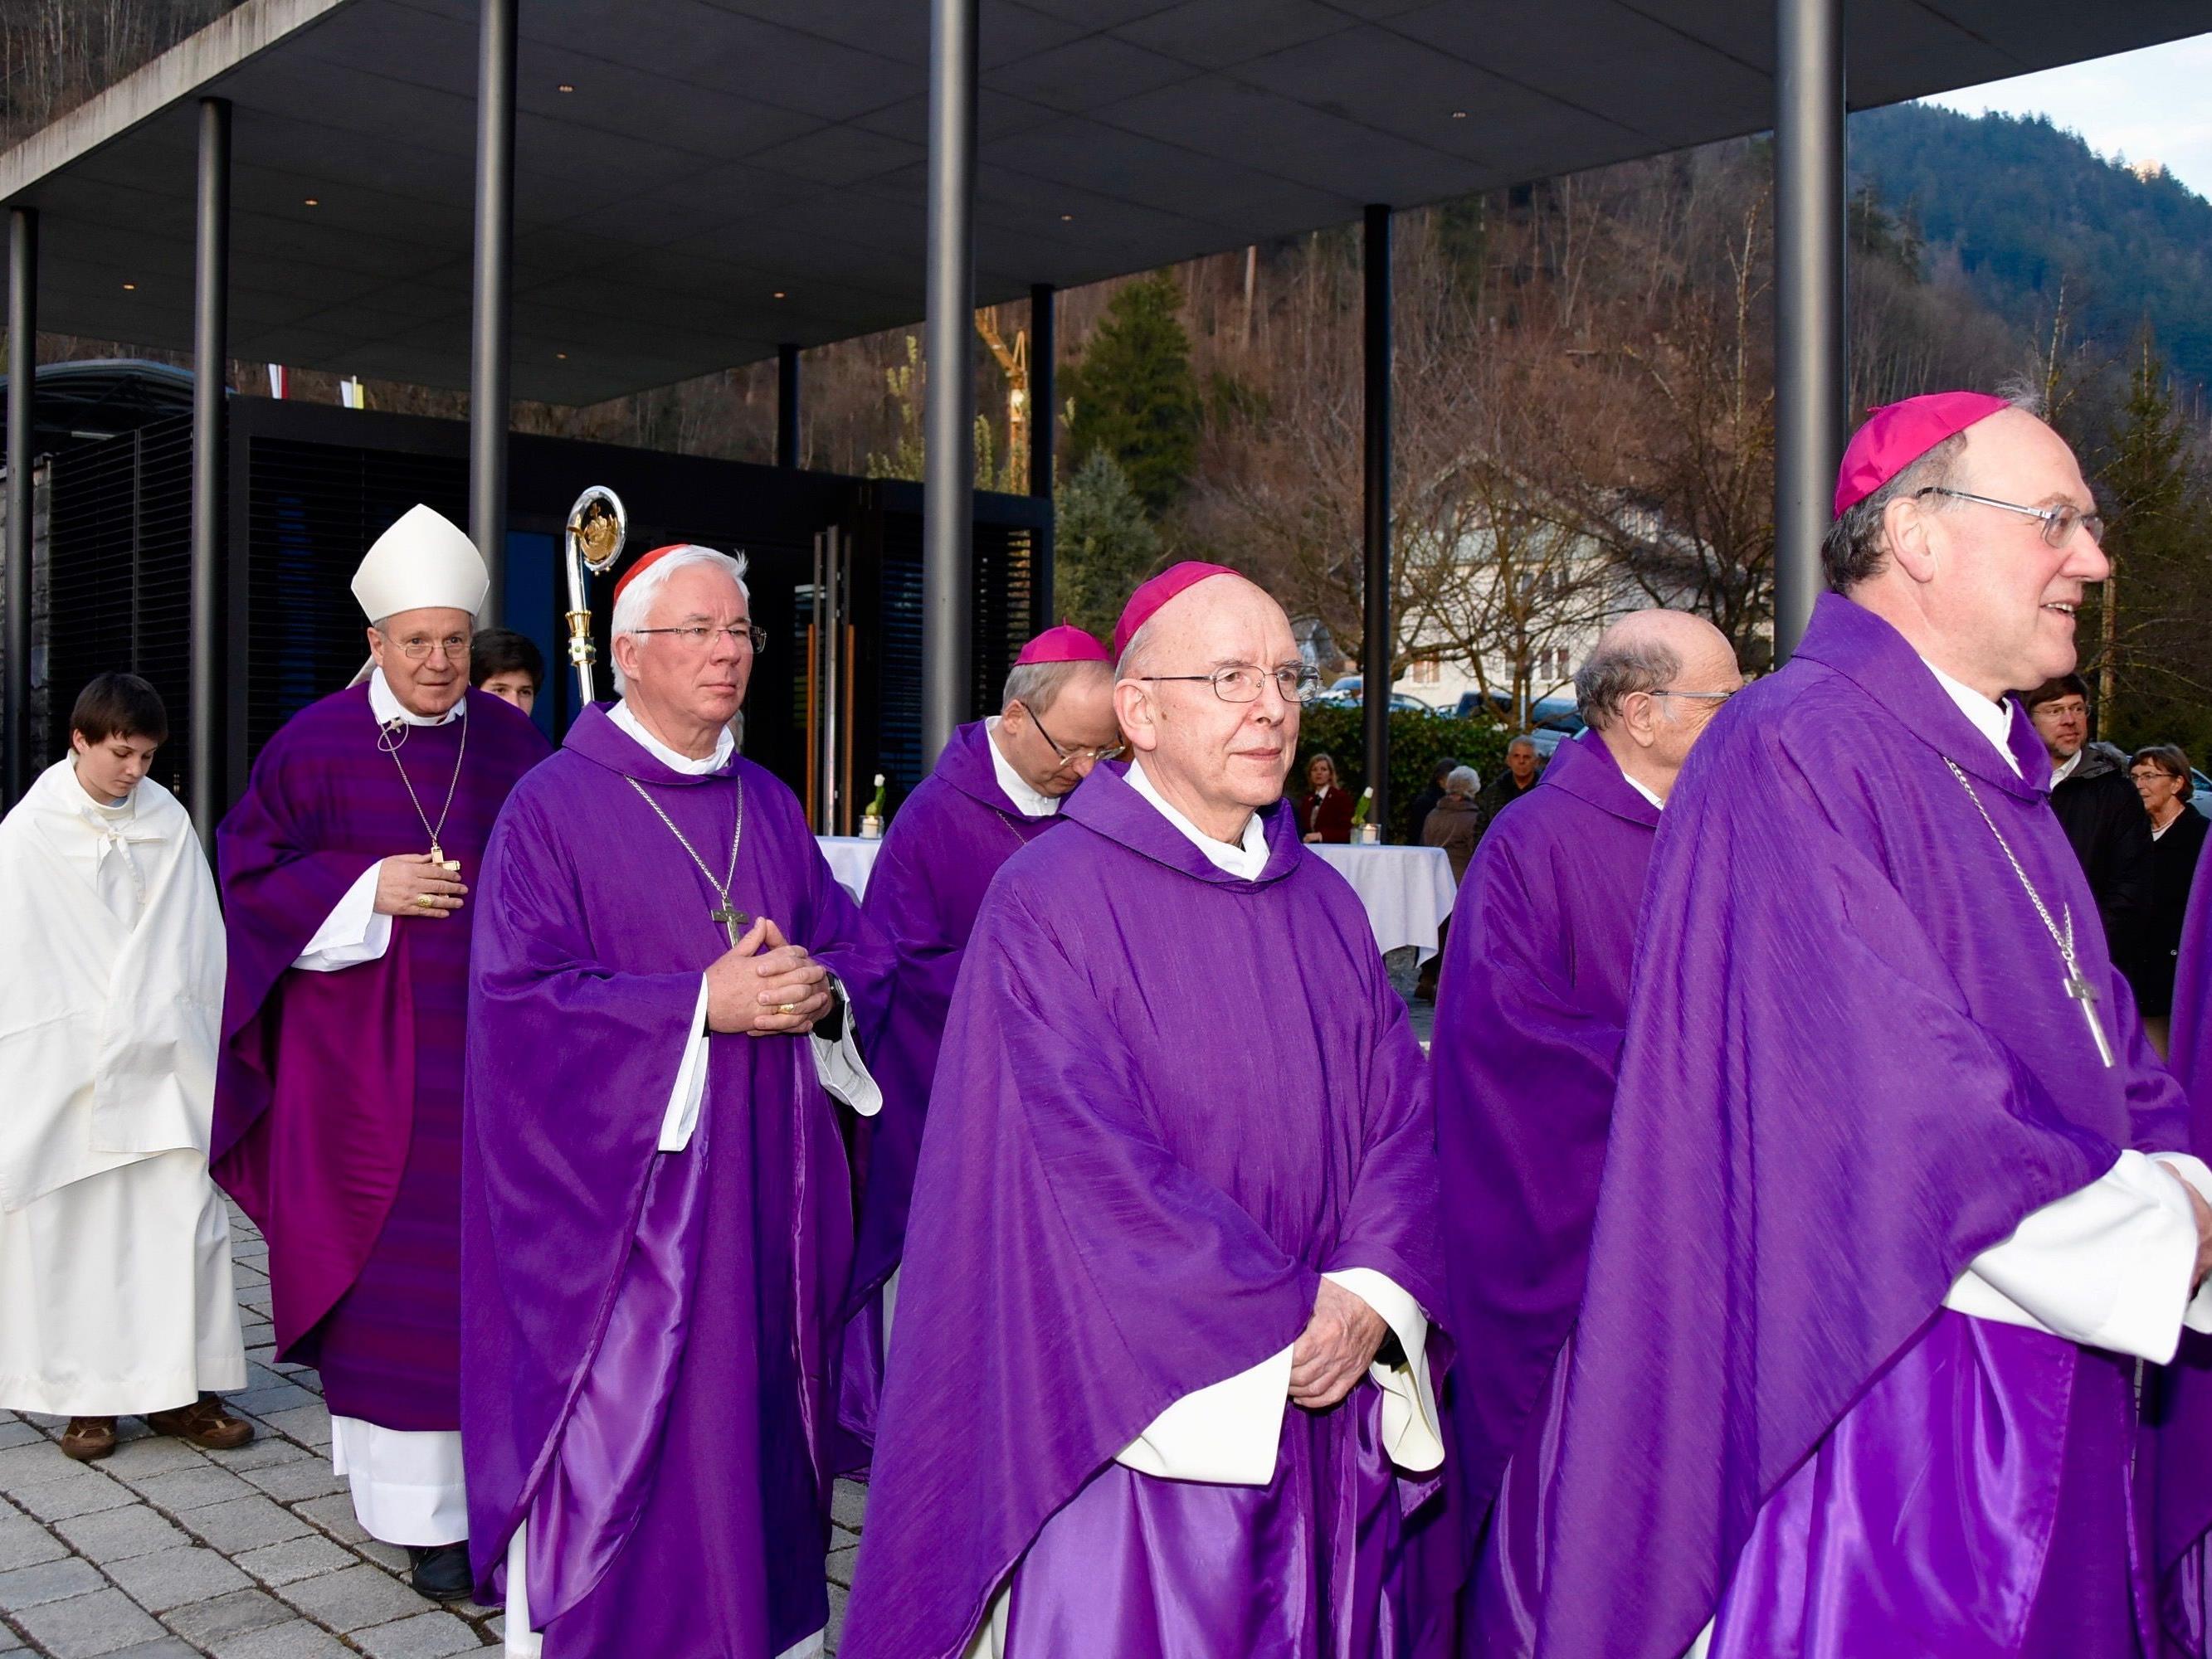 Bischöfe beim Einzug in die Pfarrkirche Nüziders